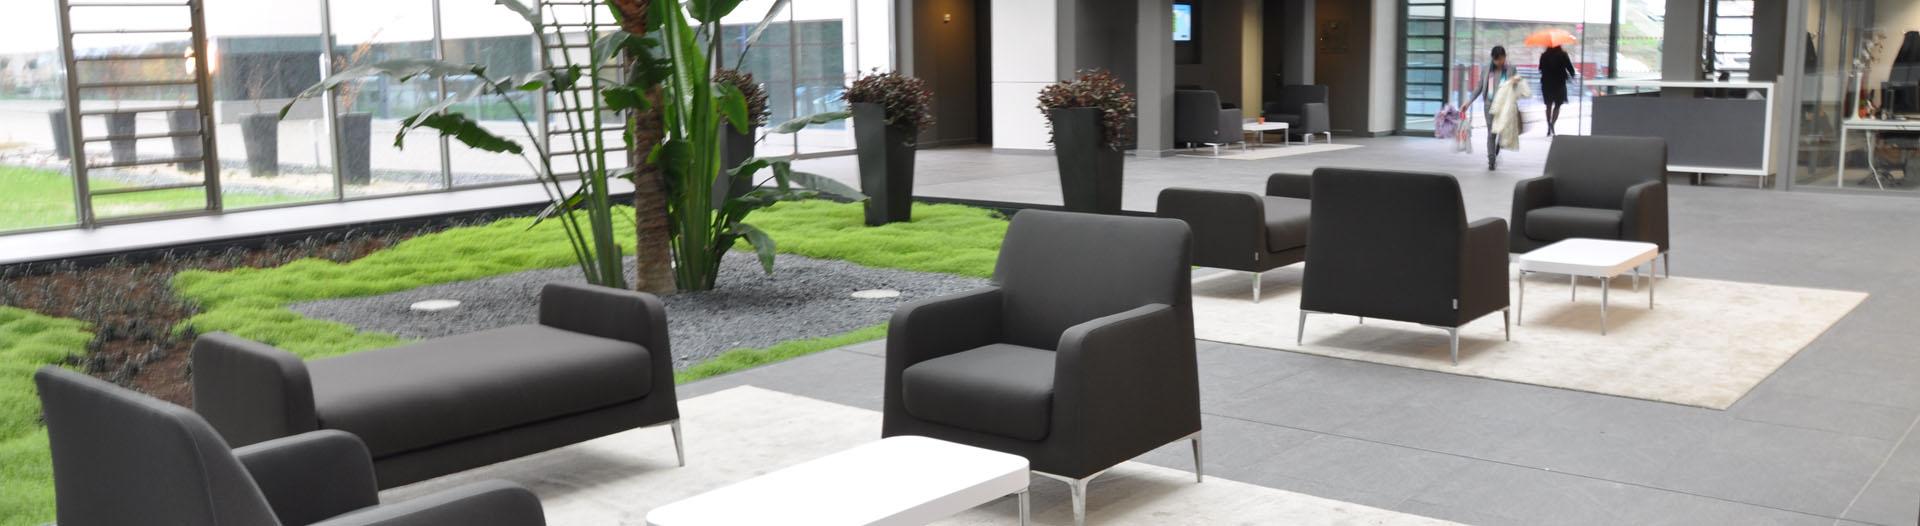 cop 39 infor bureautique informatique mat riel de bureau cahors et toulouse. Black Bedroom Furniture Sets. Home Design Ideas